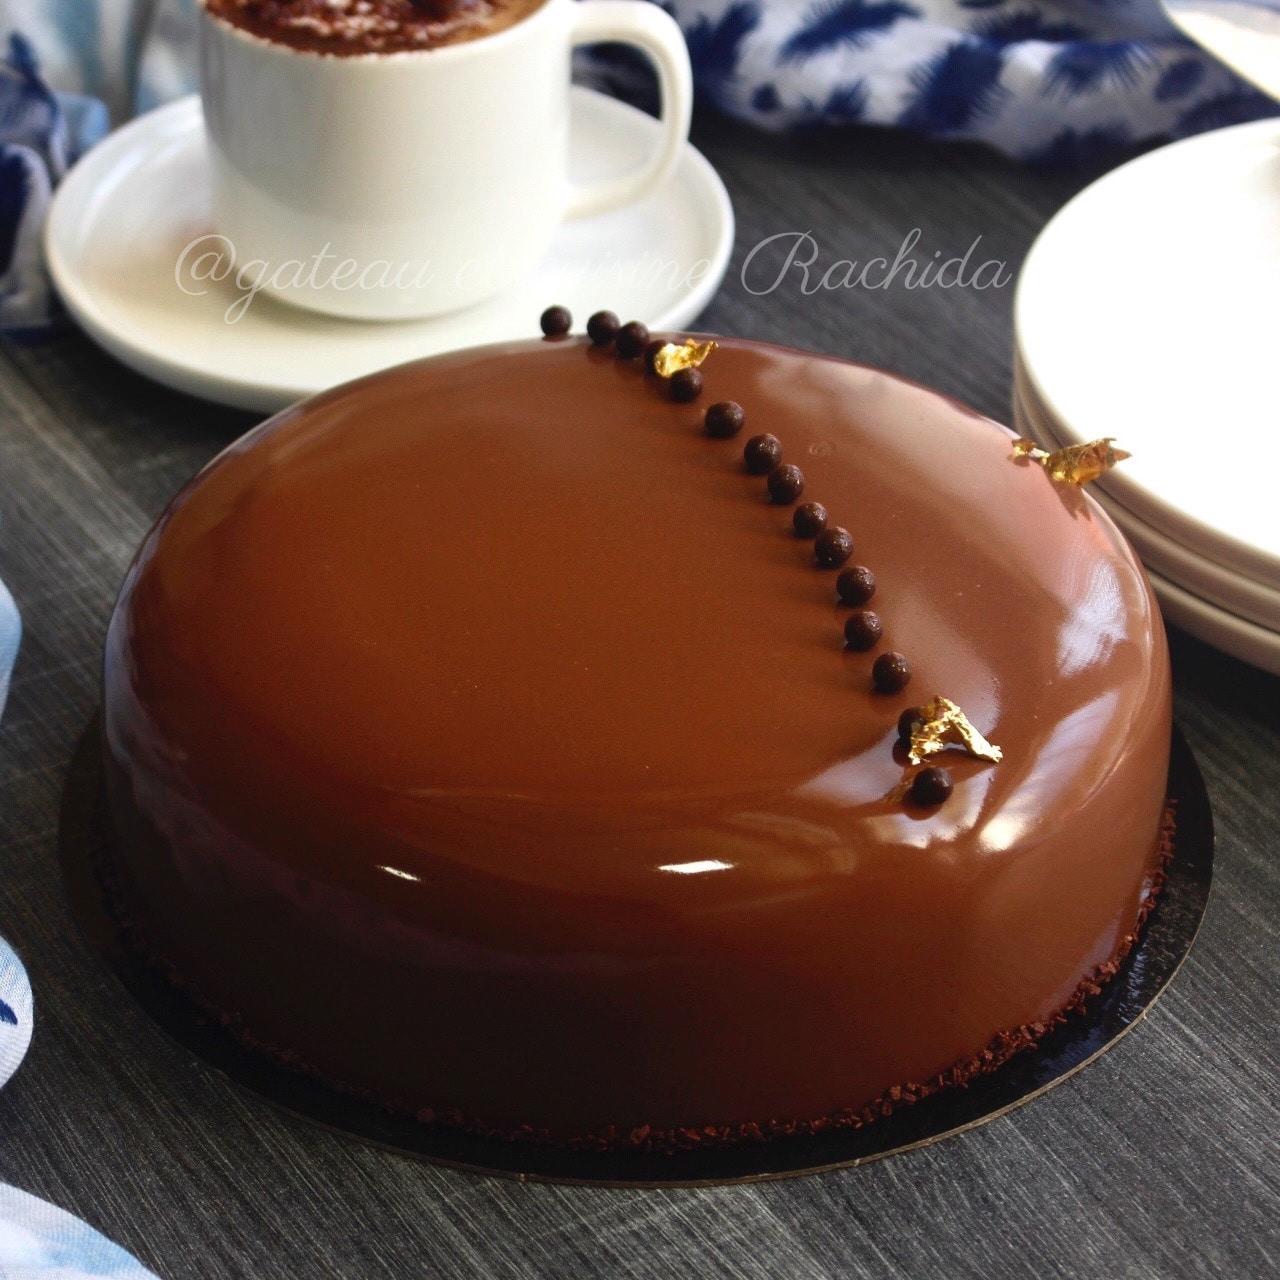 gâteau d'anniversaire au chocolat au lait et noisettes